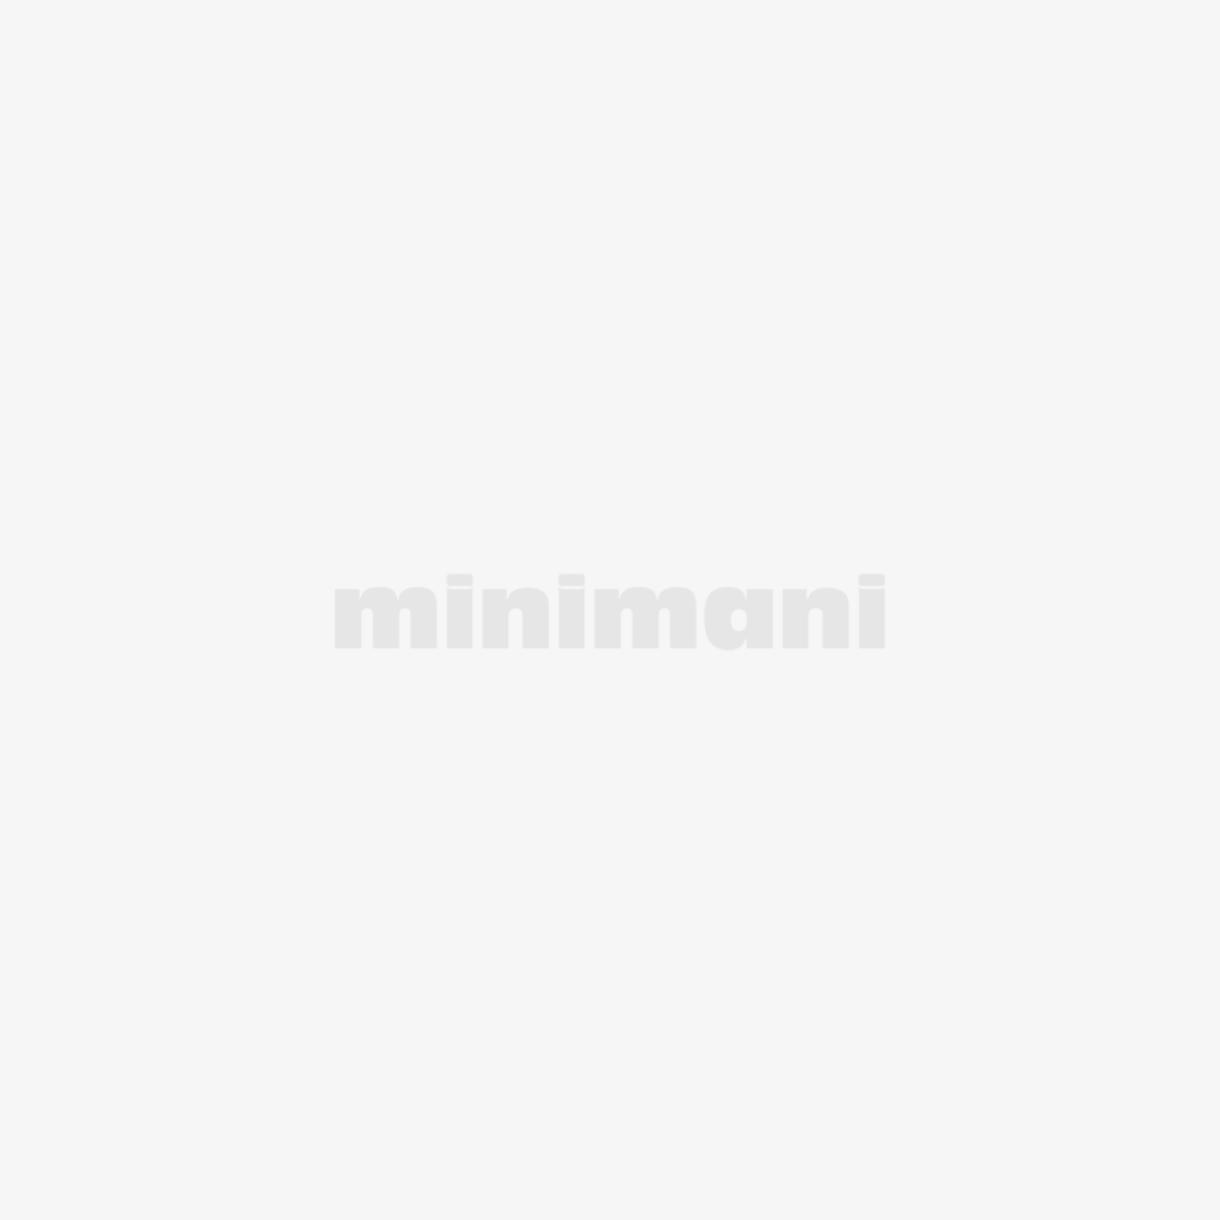 XPERT GARDEN TAIMISUOJA 50CM